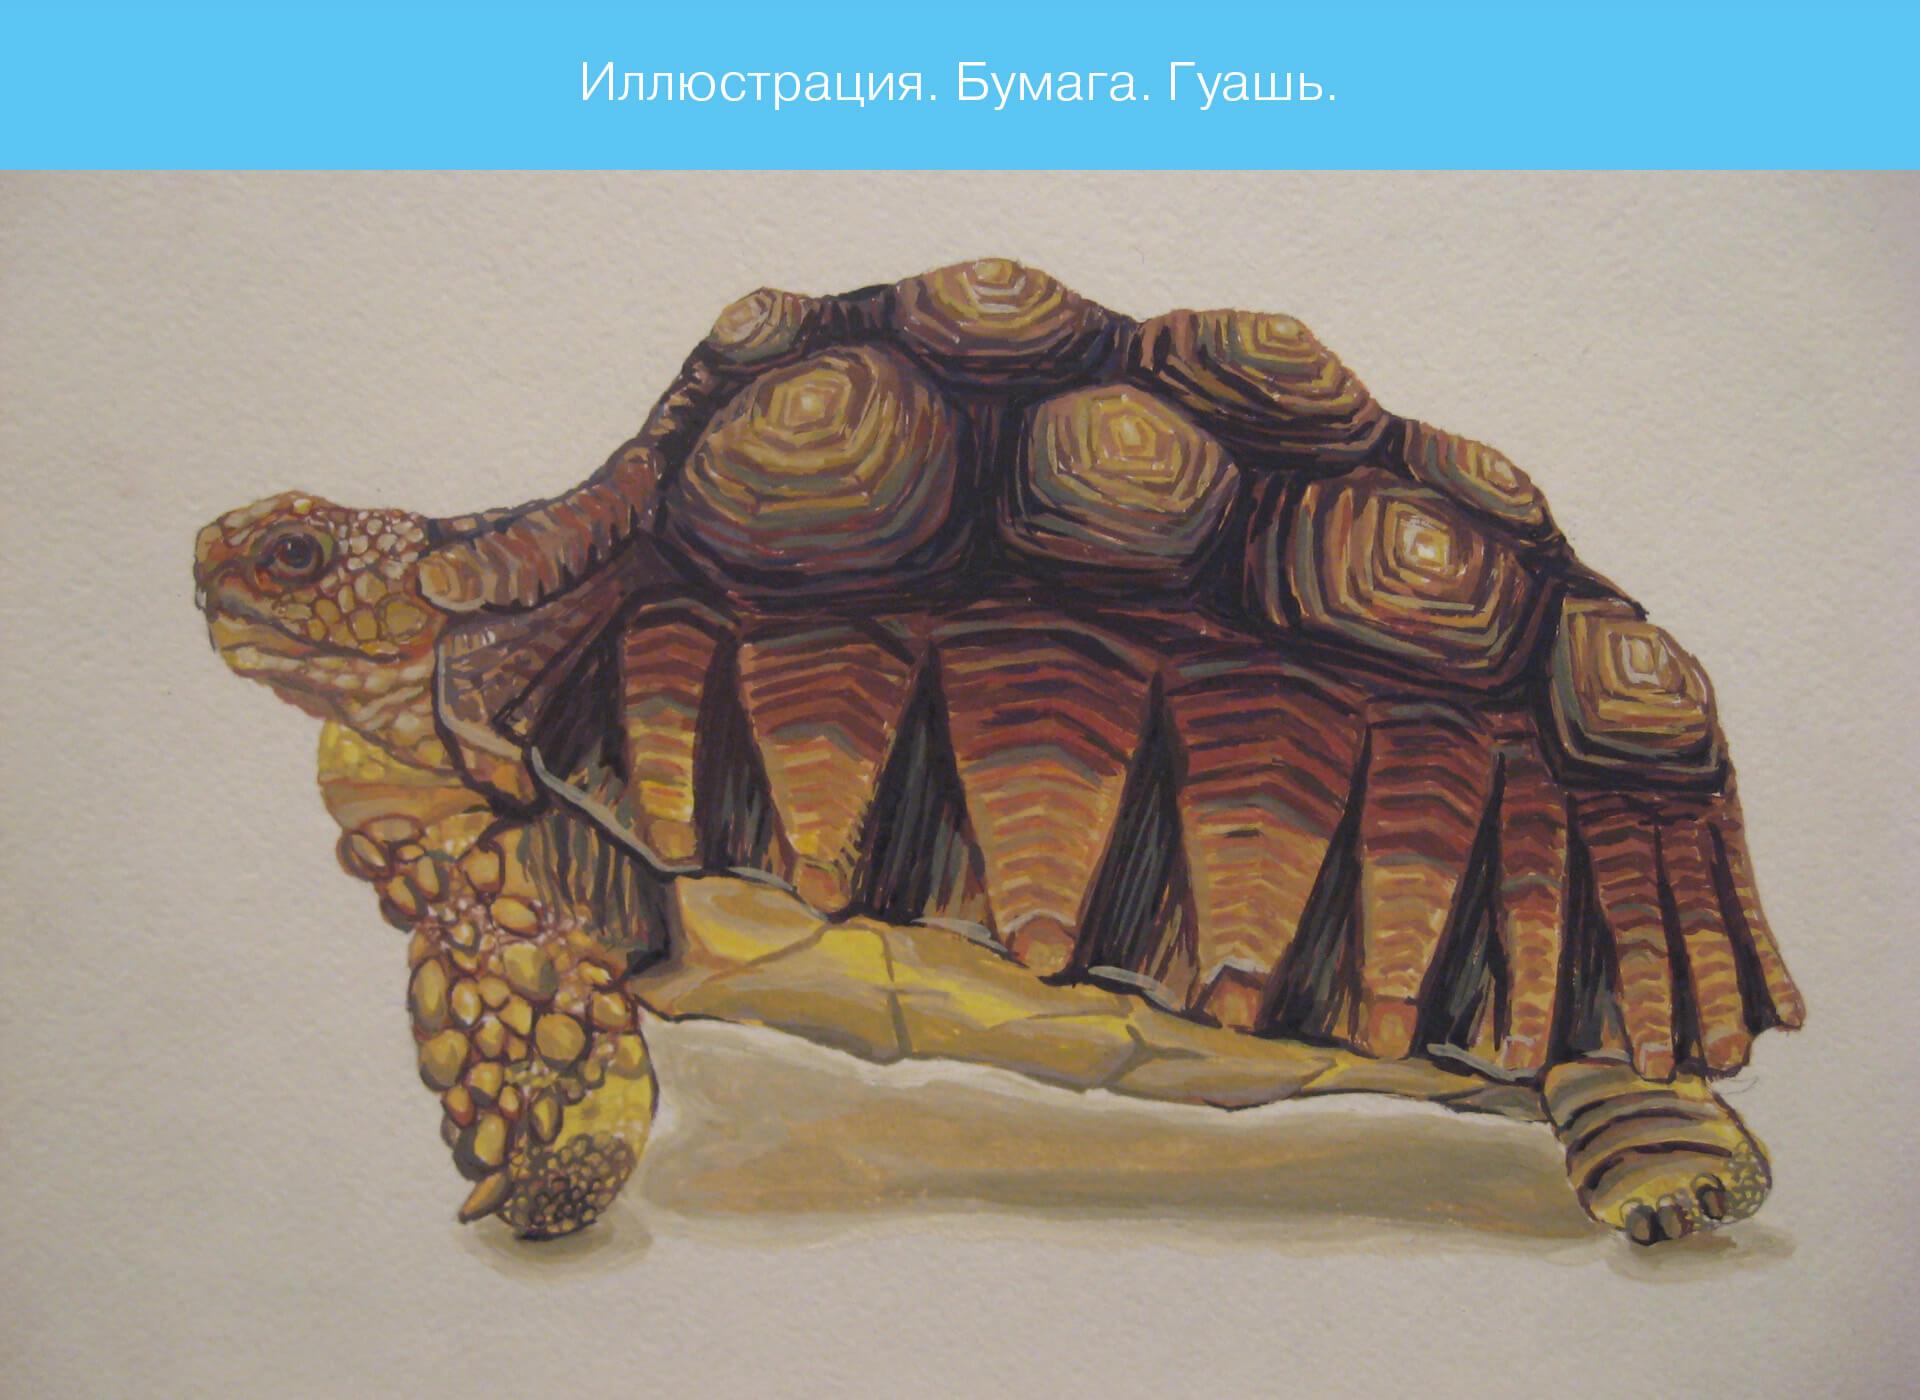 Prokochuk_Irina_Illustration_turtle_1